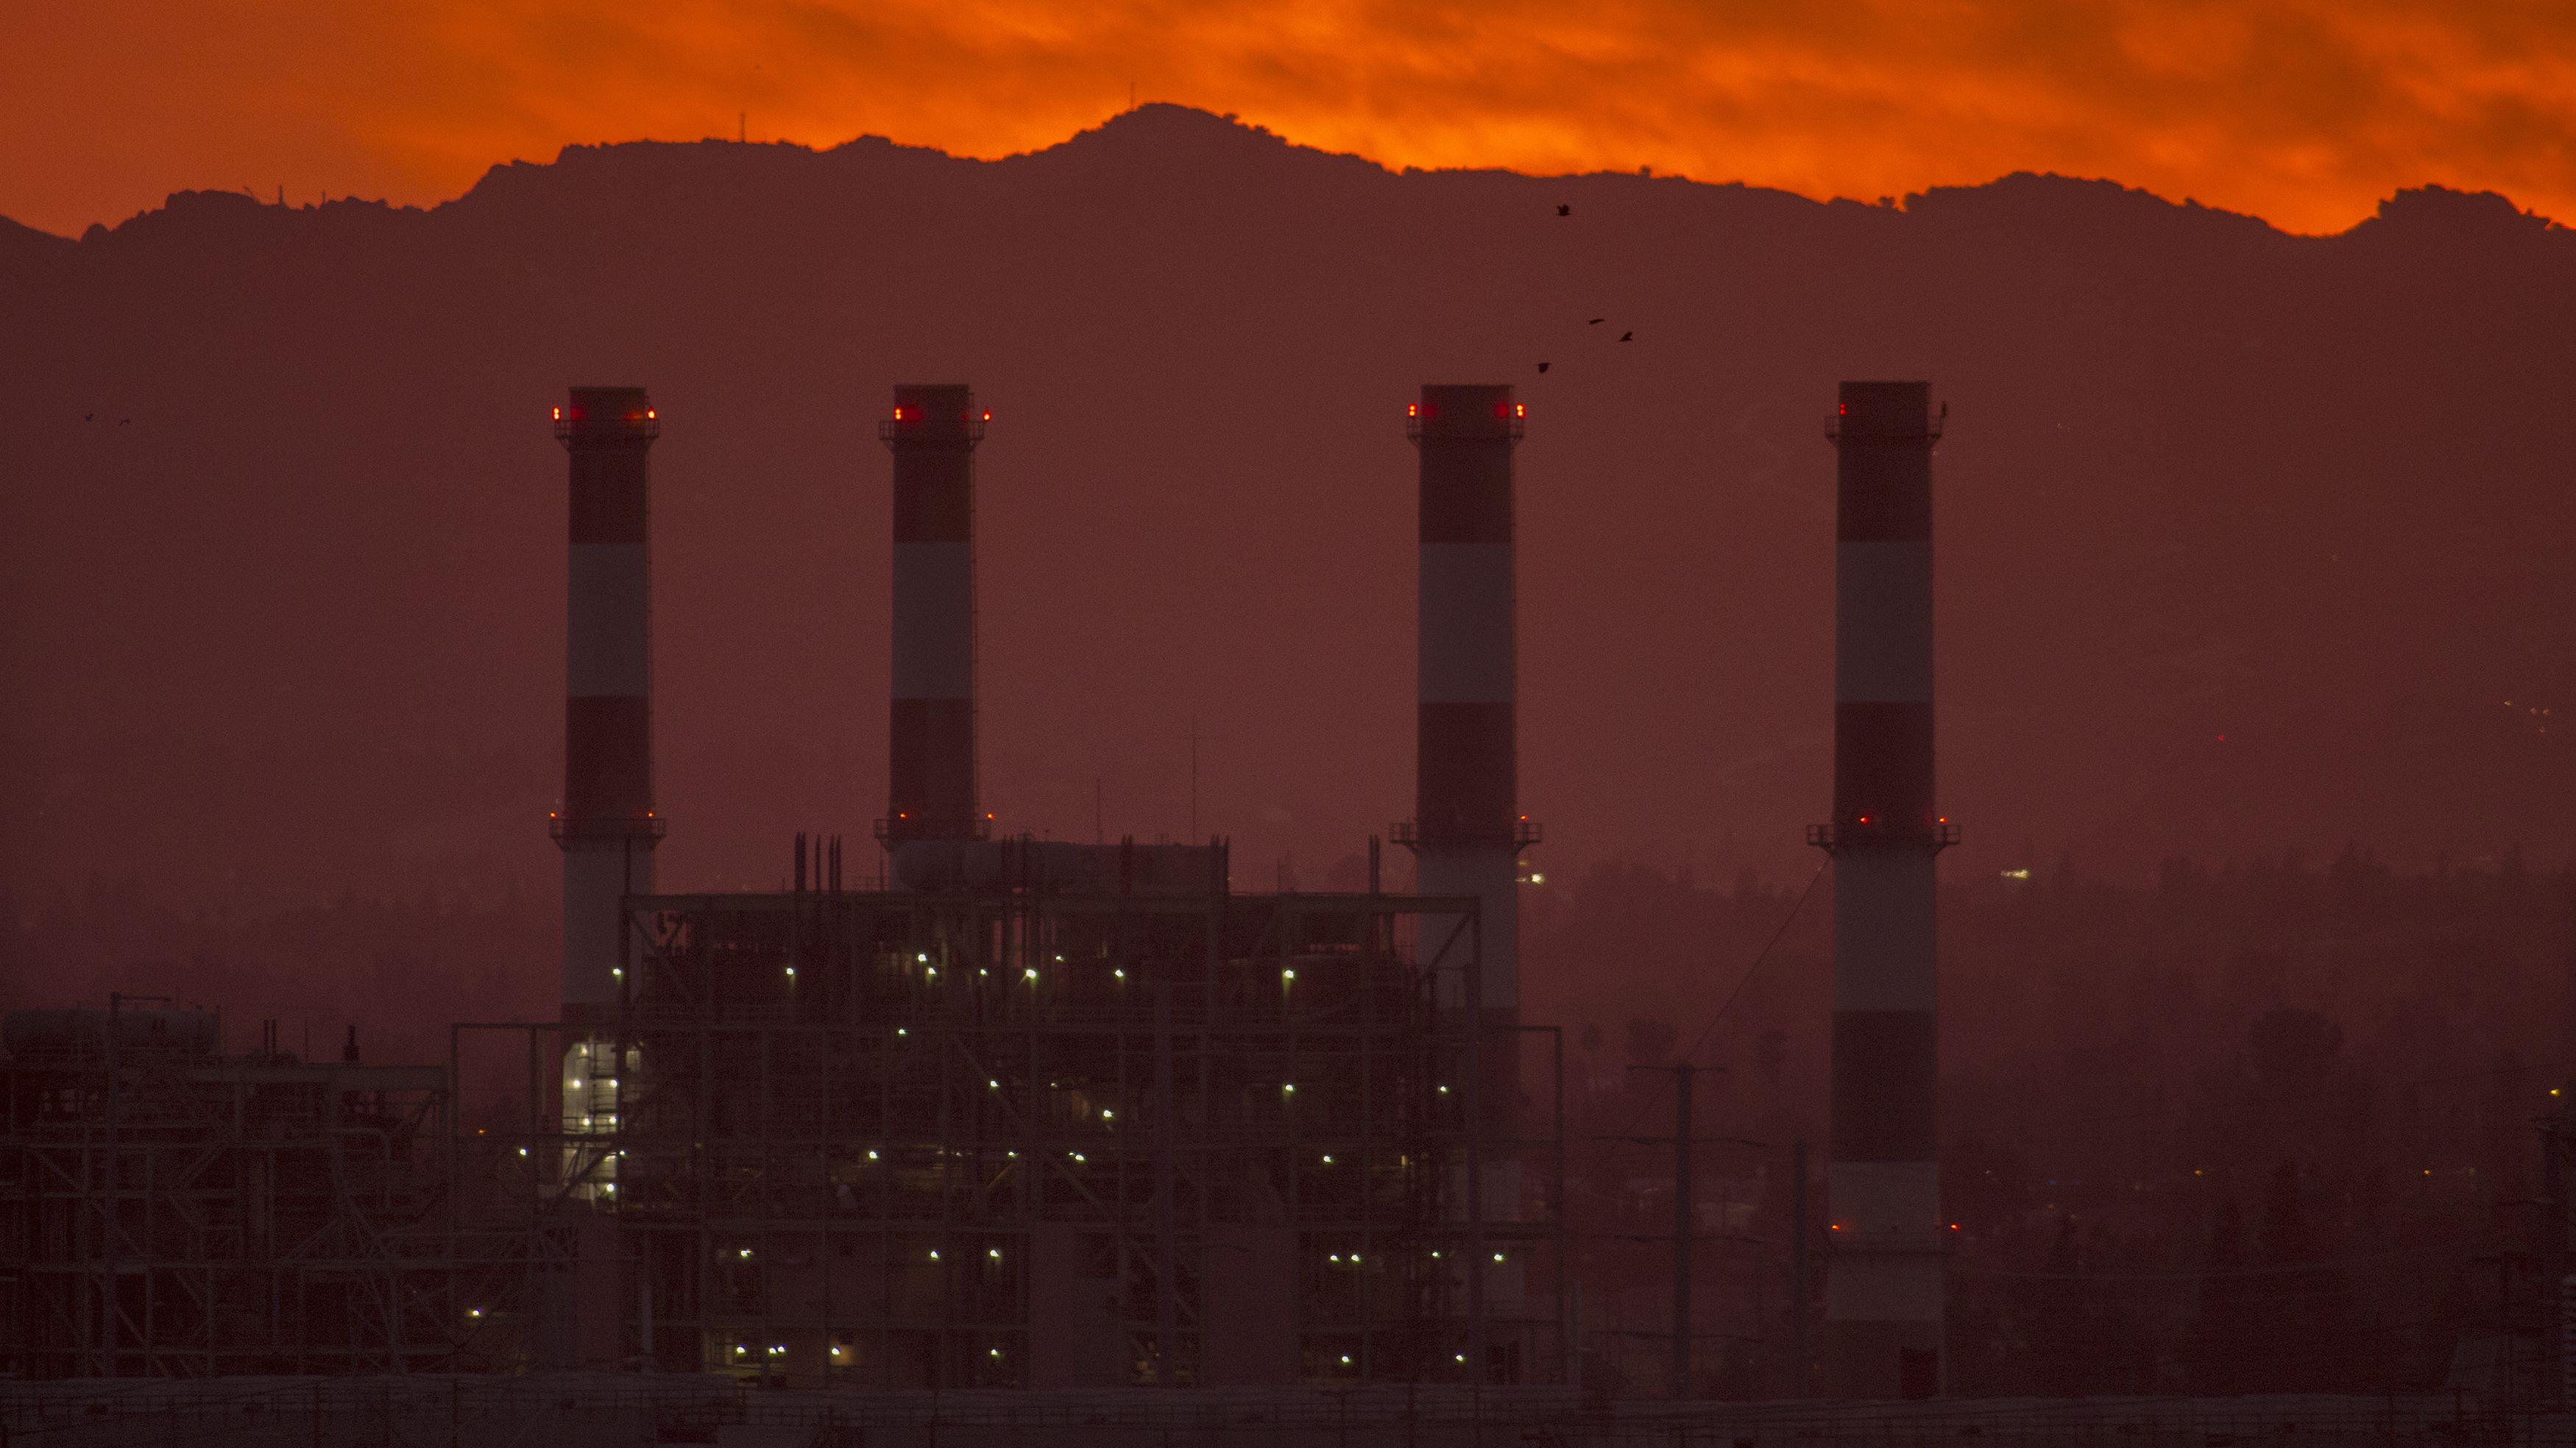 炭素価格制度導入へ 全米で新たなうねり トランプ政権は変われるか?